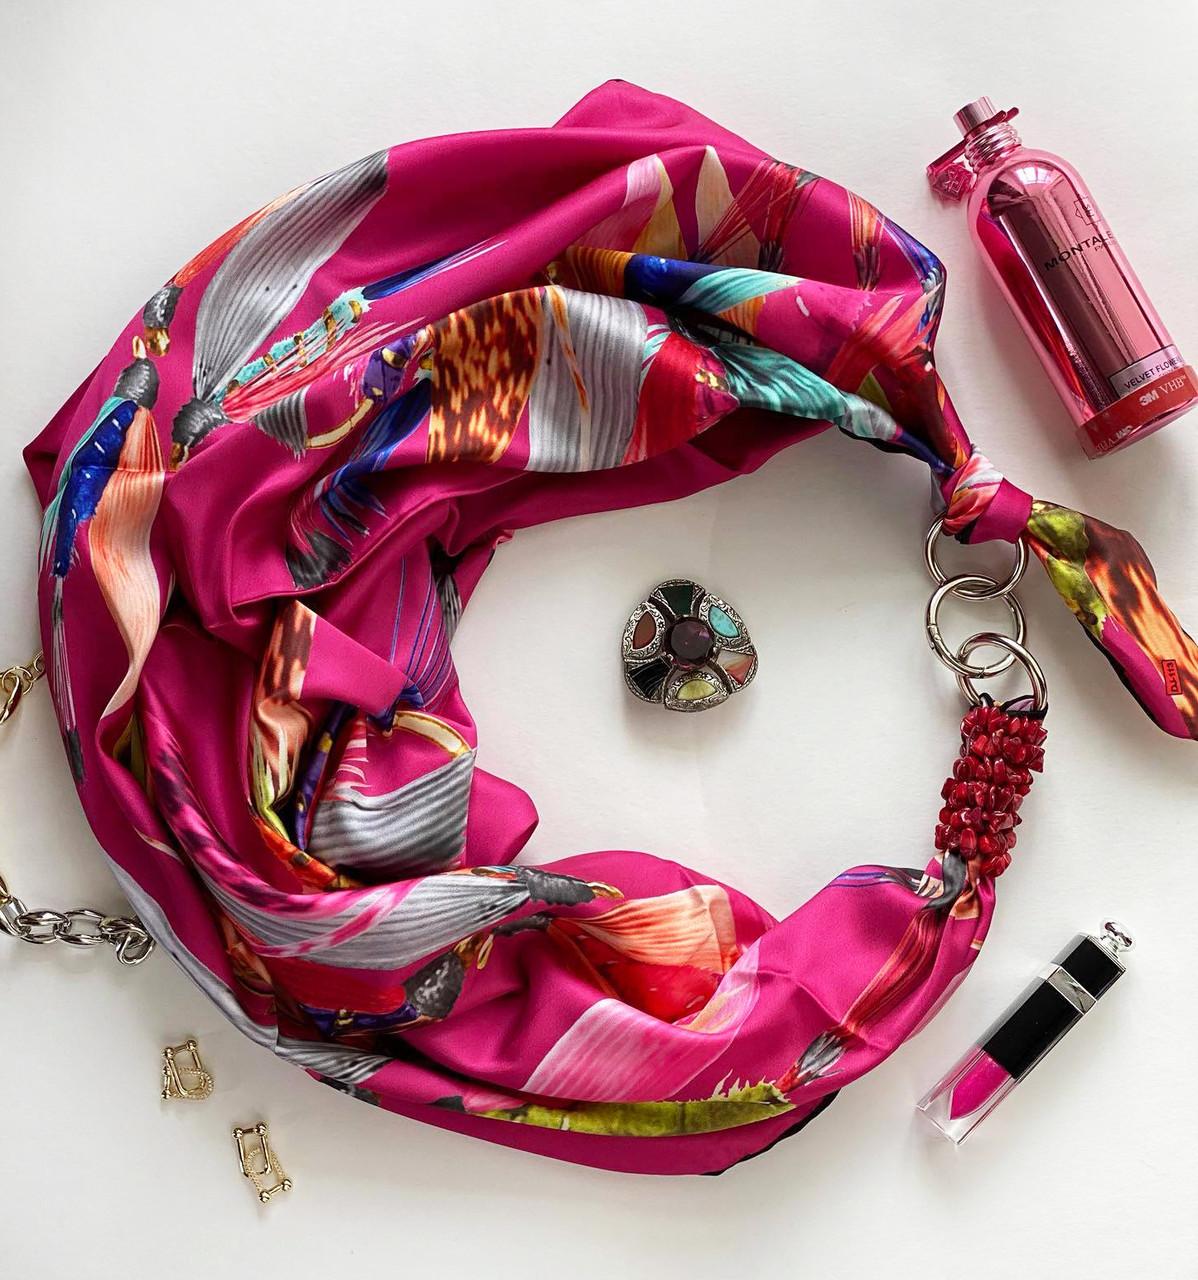 """Шелковый платок """"малиновое чудо"""" от бренда my scarf, подарок женщине. премиум коллекция!"""